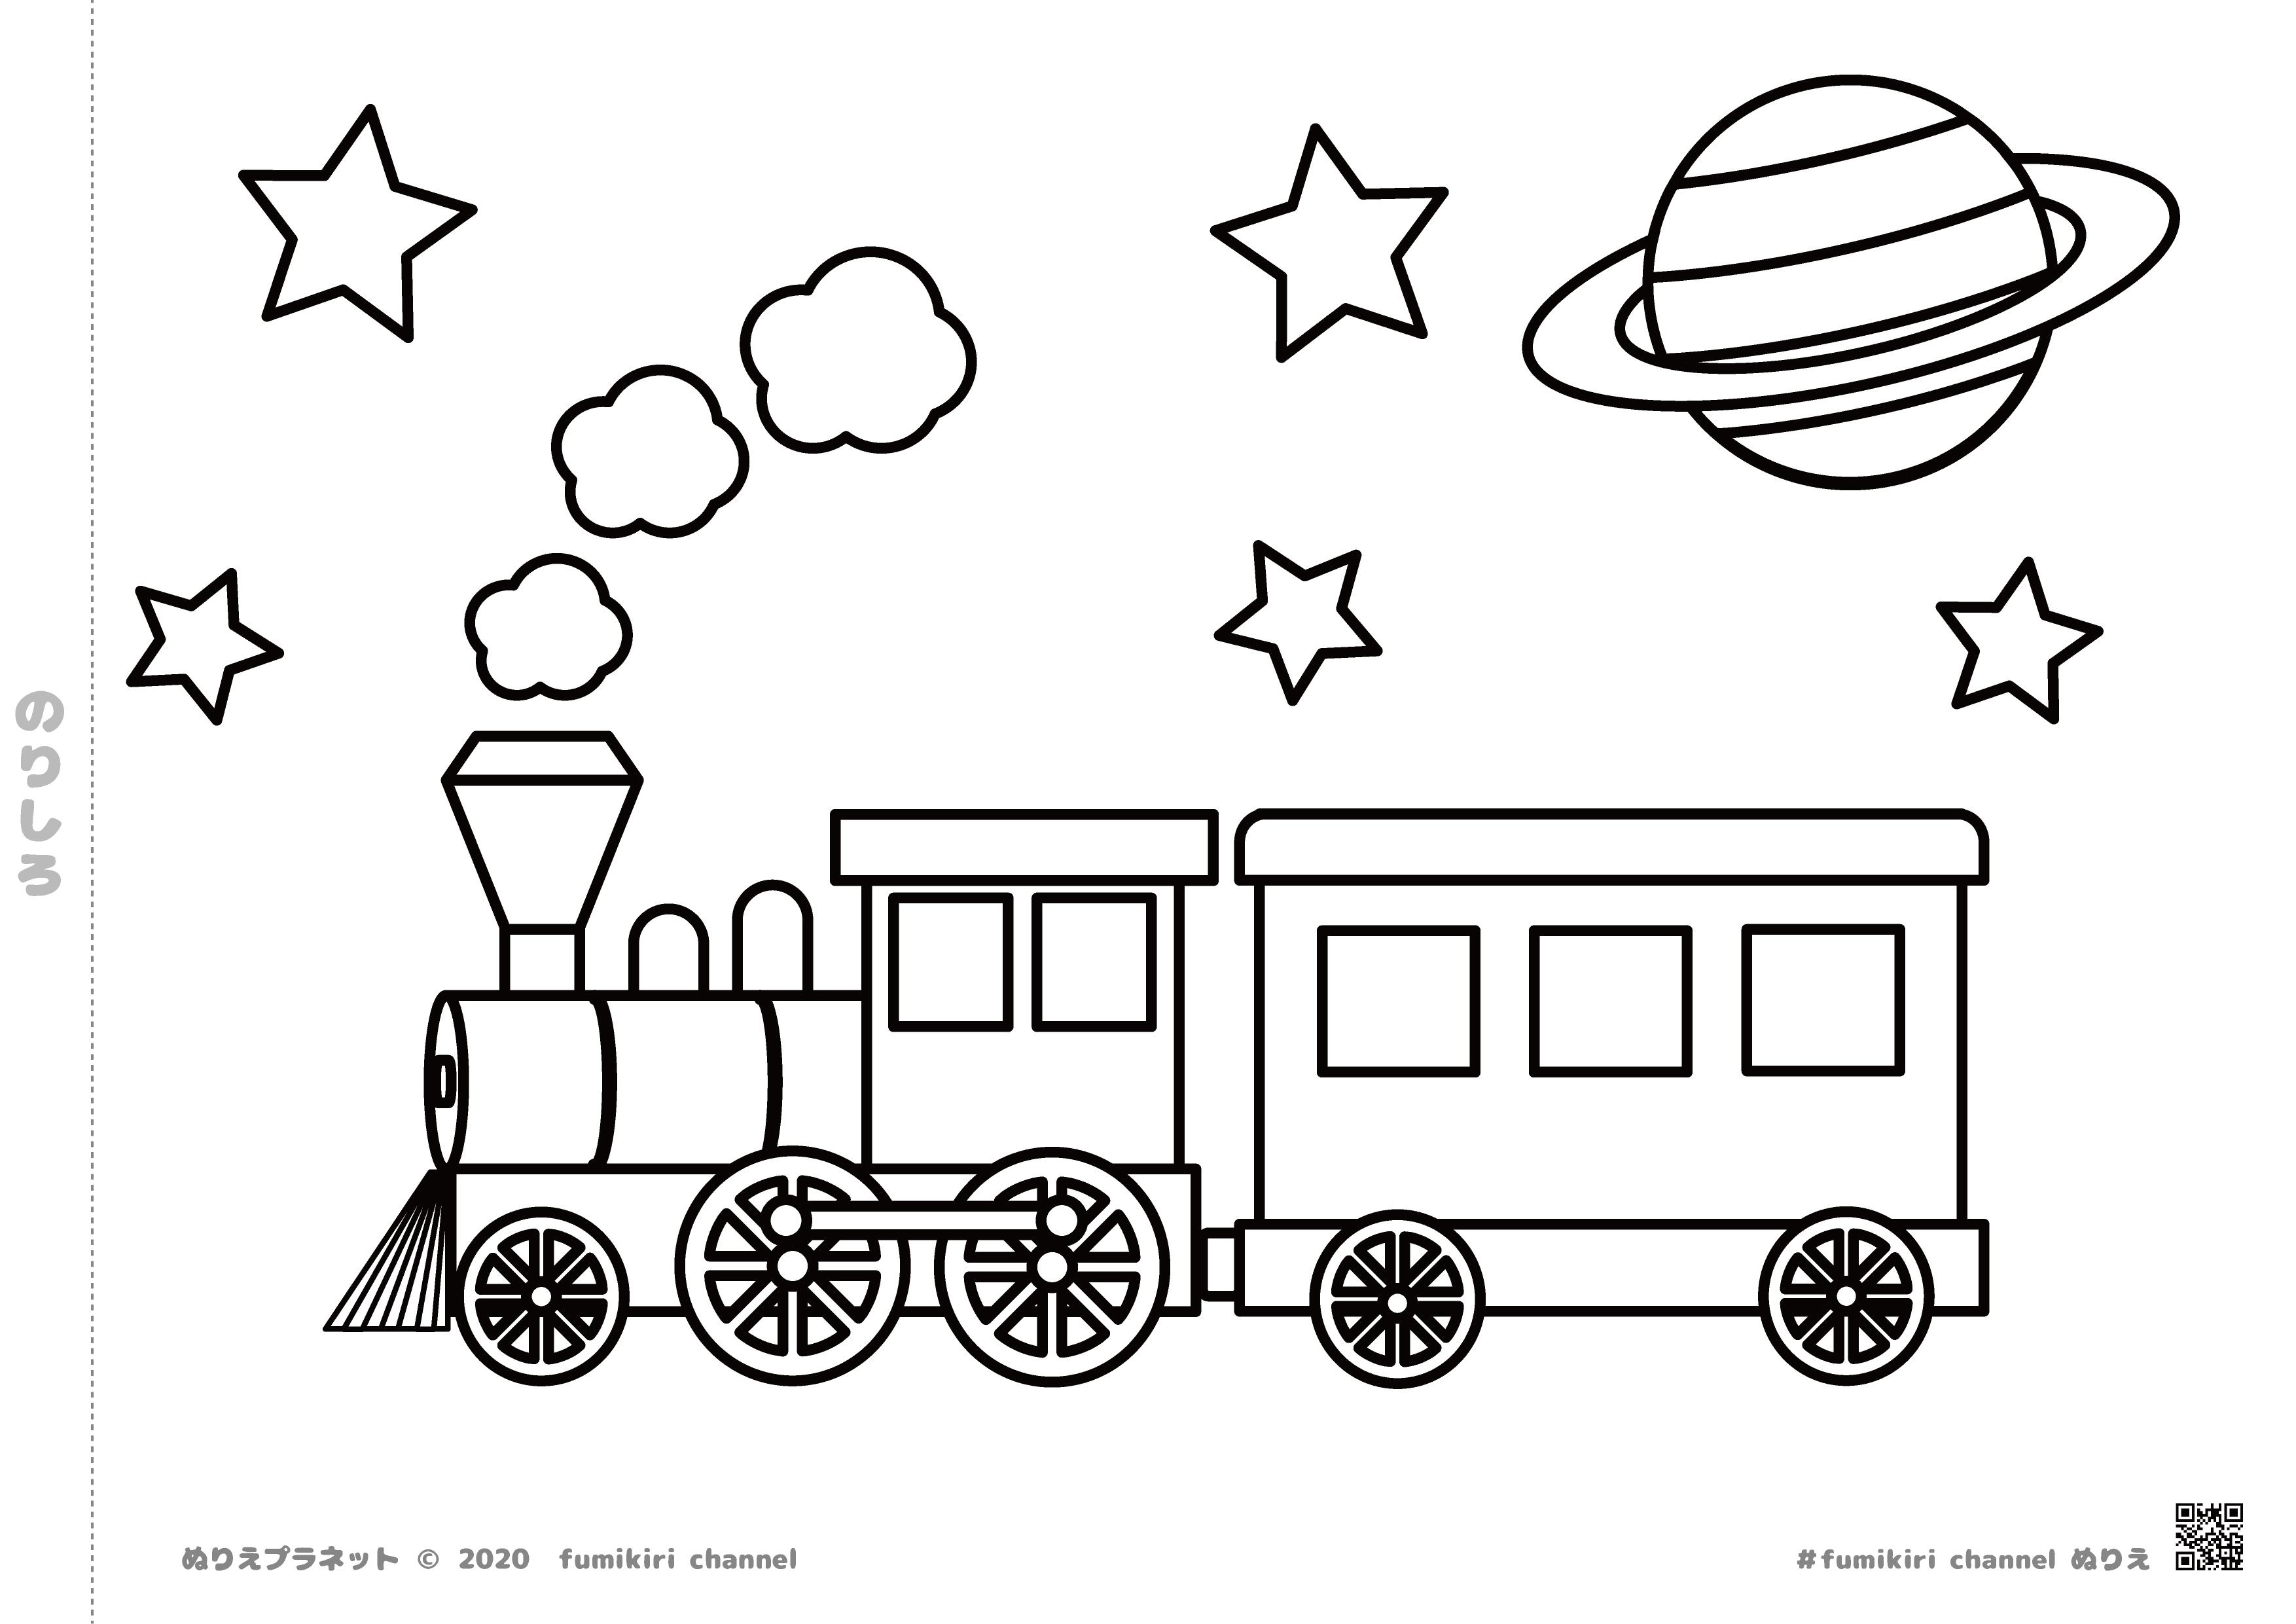 宇宙の銀河をはしる汽車のぬりえ